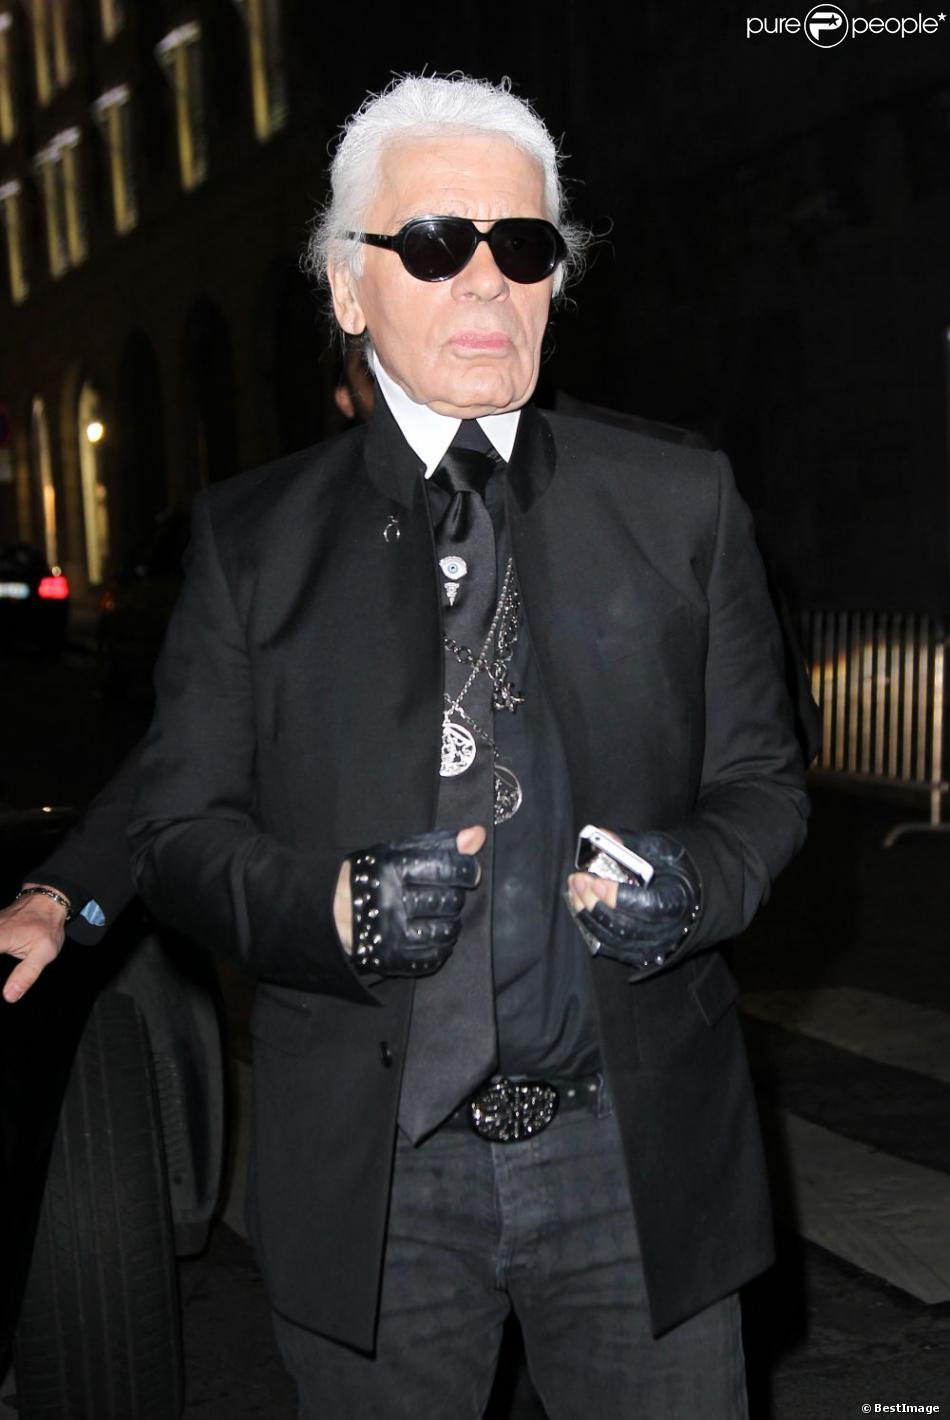 Karl lagerfeld arrive la maison du caviar paris le 1er mars 2012 - Maison karl lagerfeld ...